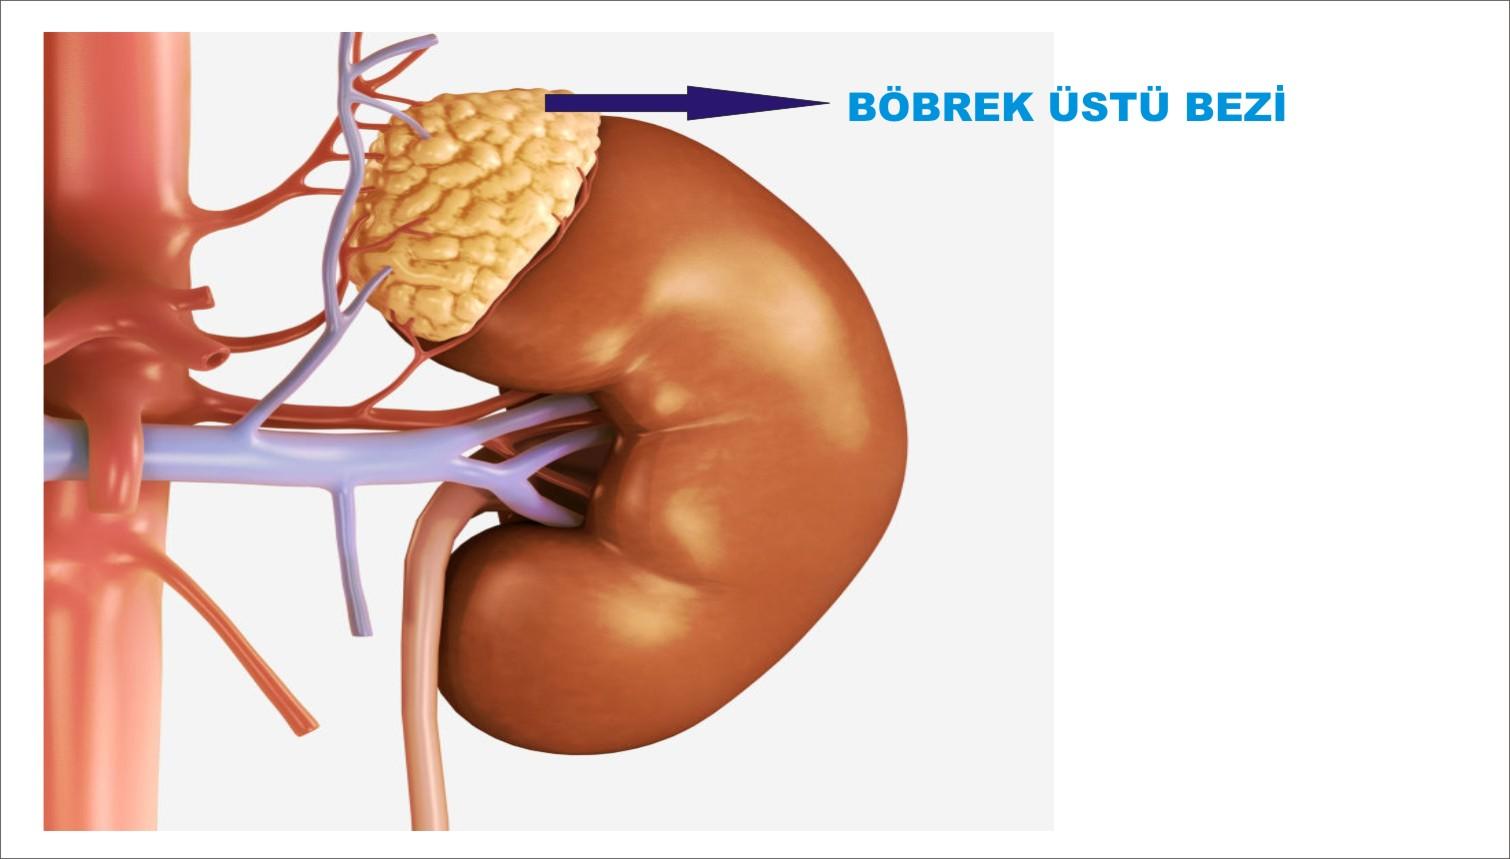 selmasultan-bobrek-ustu-bezleri-surrenal-bez-nedir-hastaliklari-belirtileri-tedavisi Kilo Aldıran Hastalıklar Nelerdir?